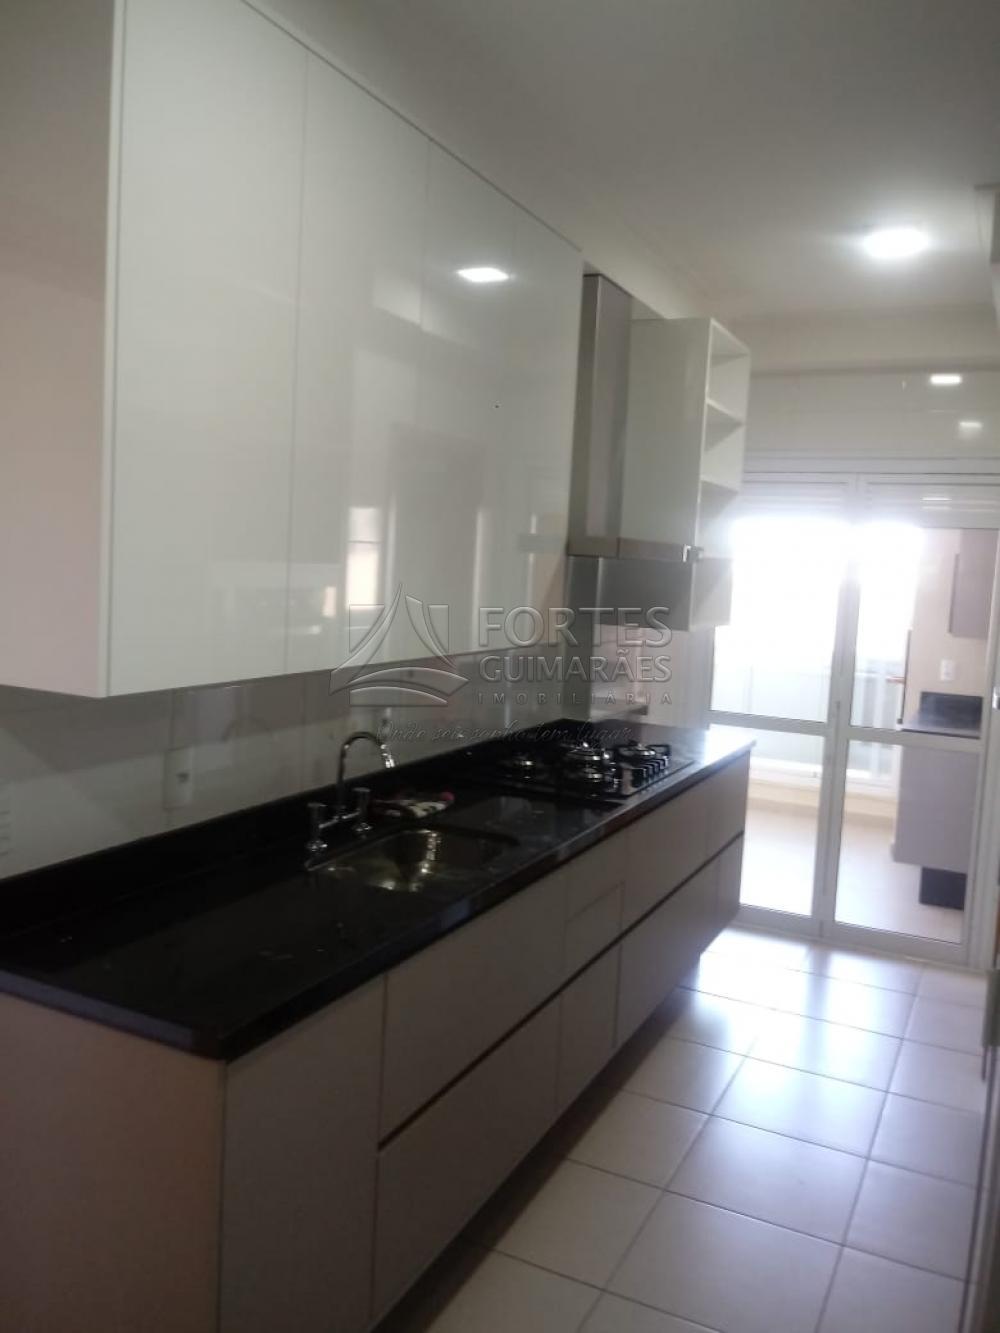 Alugar Apartamentos / Padrão em Ribeirão Preto apenas R$ 3.200,00 - Foto 10